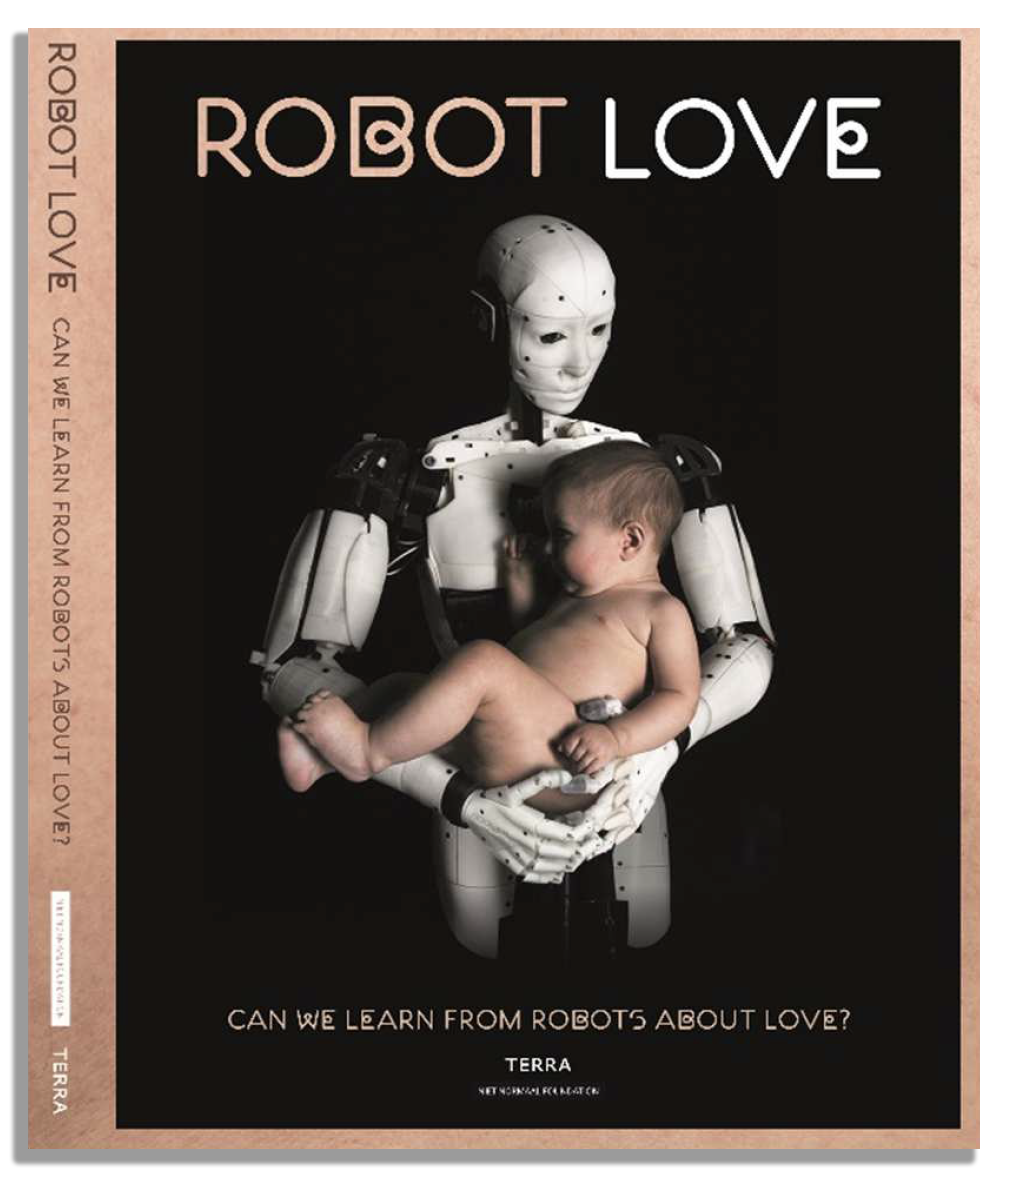 robotlove_book2